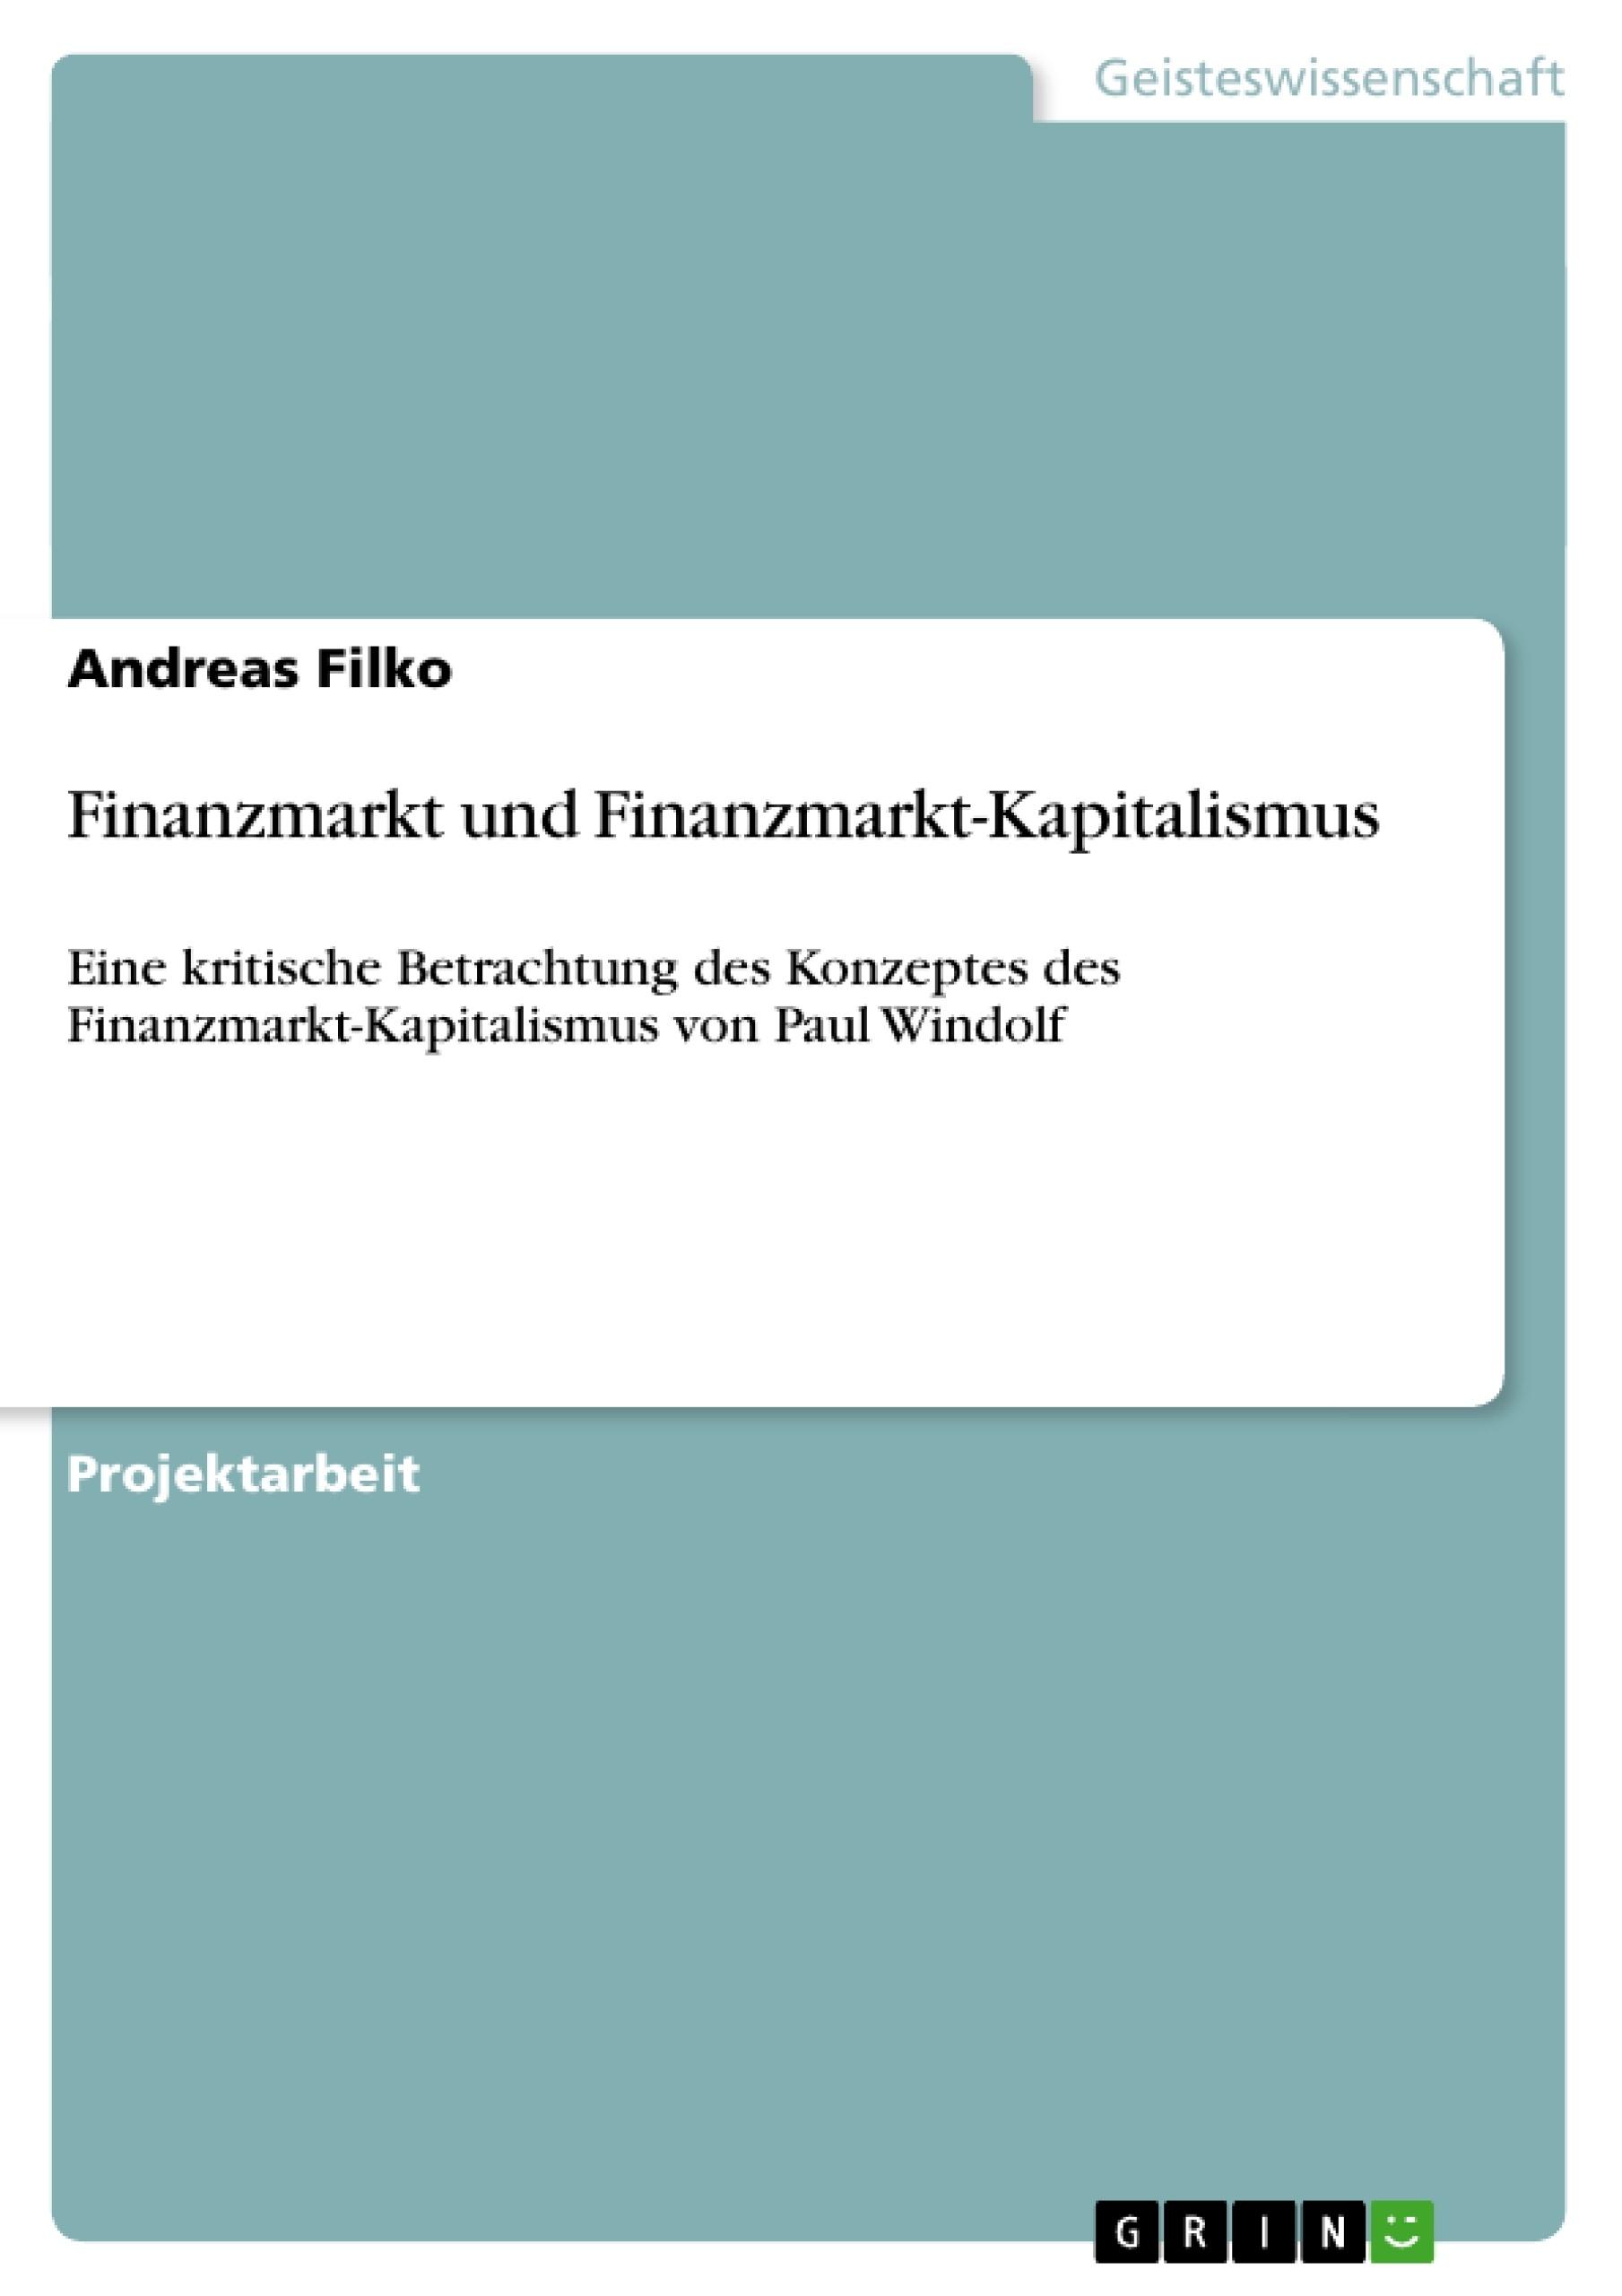 Titel: Finanzmarkt und Finanzmarkt-Kapitalismus